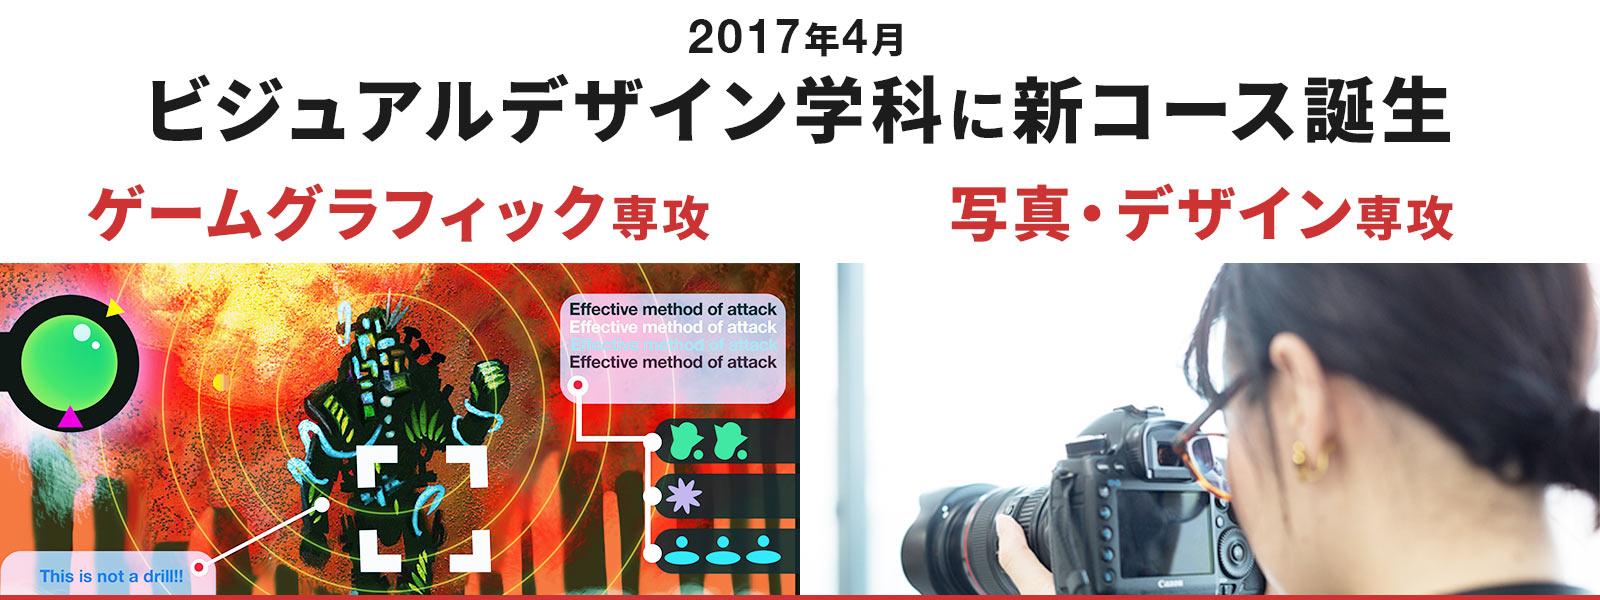 ゲームグラフィック専攻 | 写真・デザイン専攻